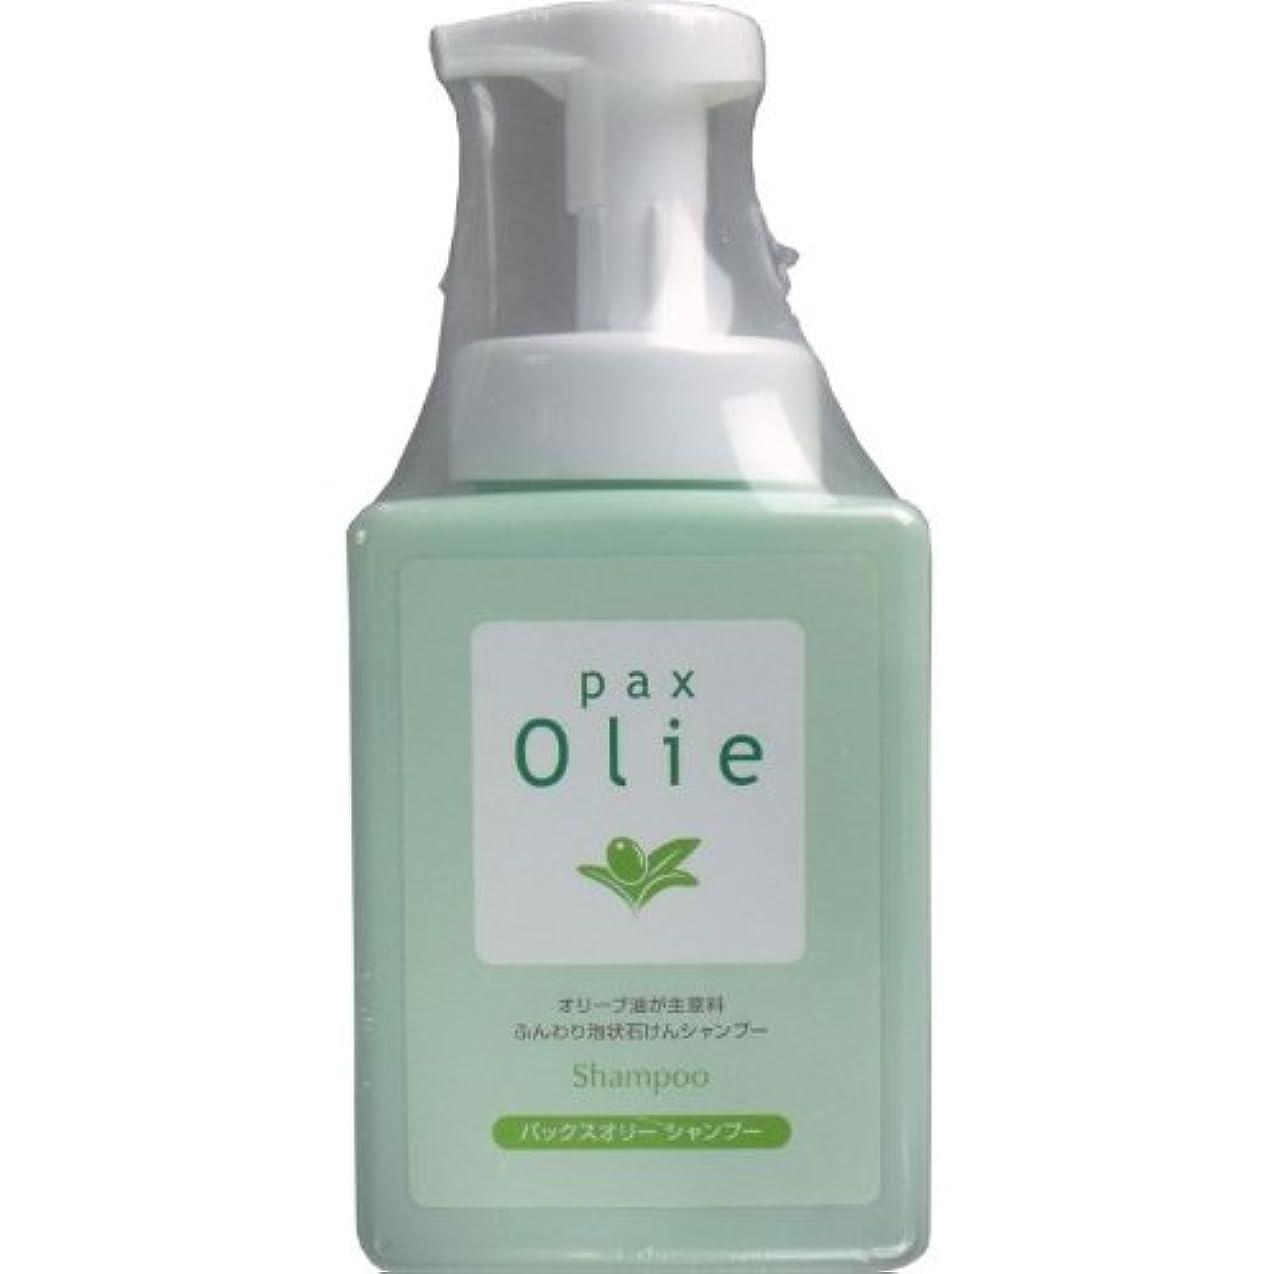 脳溶ける天井オリーブ油が主原料!ふんわり泡状石けんシャンプー!オリーブ油が主原料 550mL【4個セット】